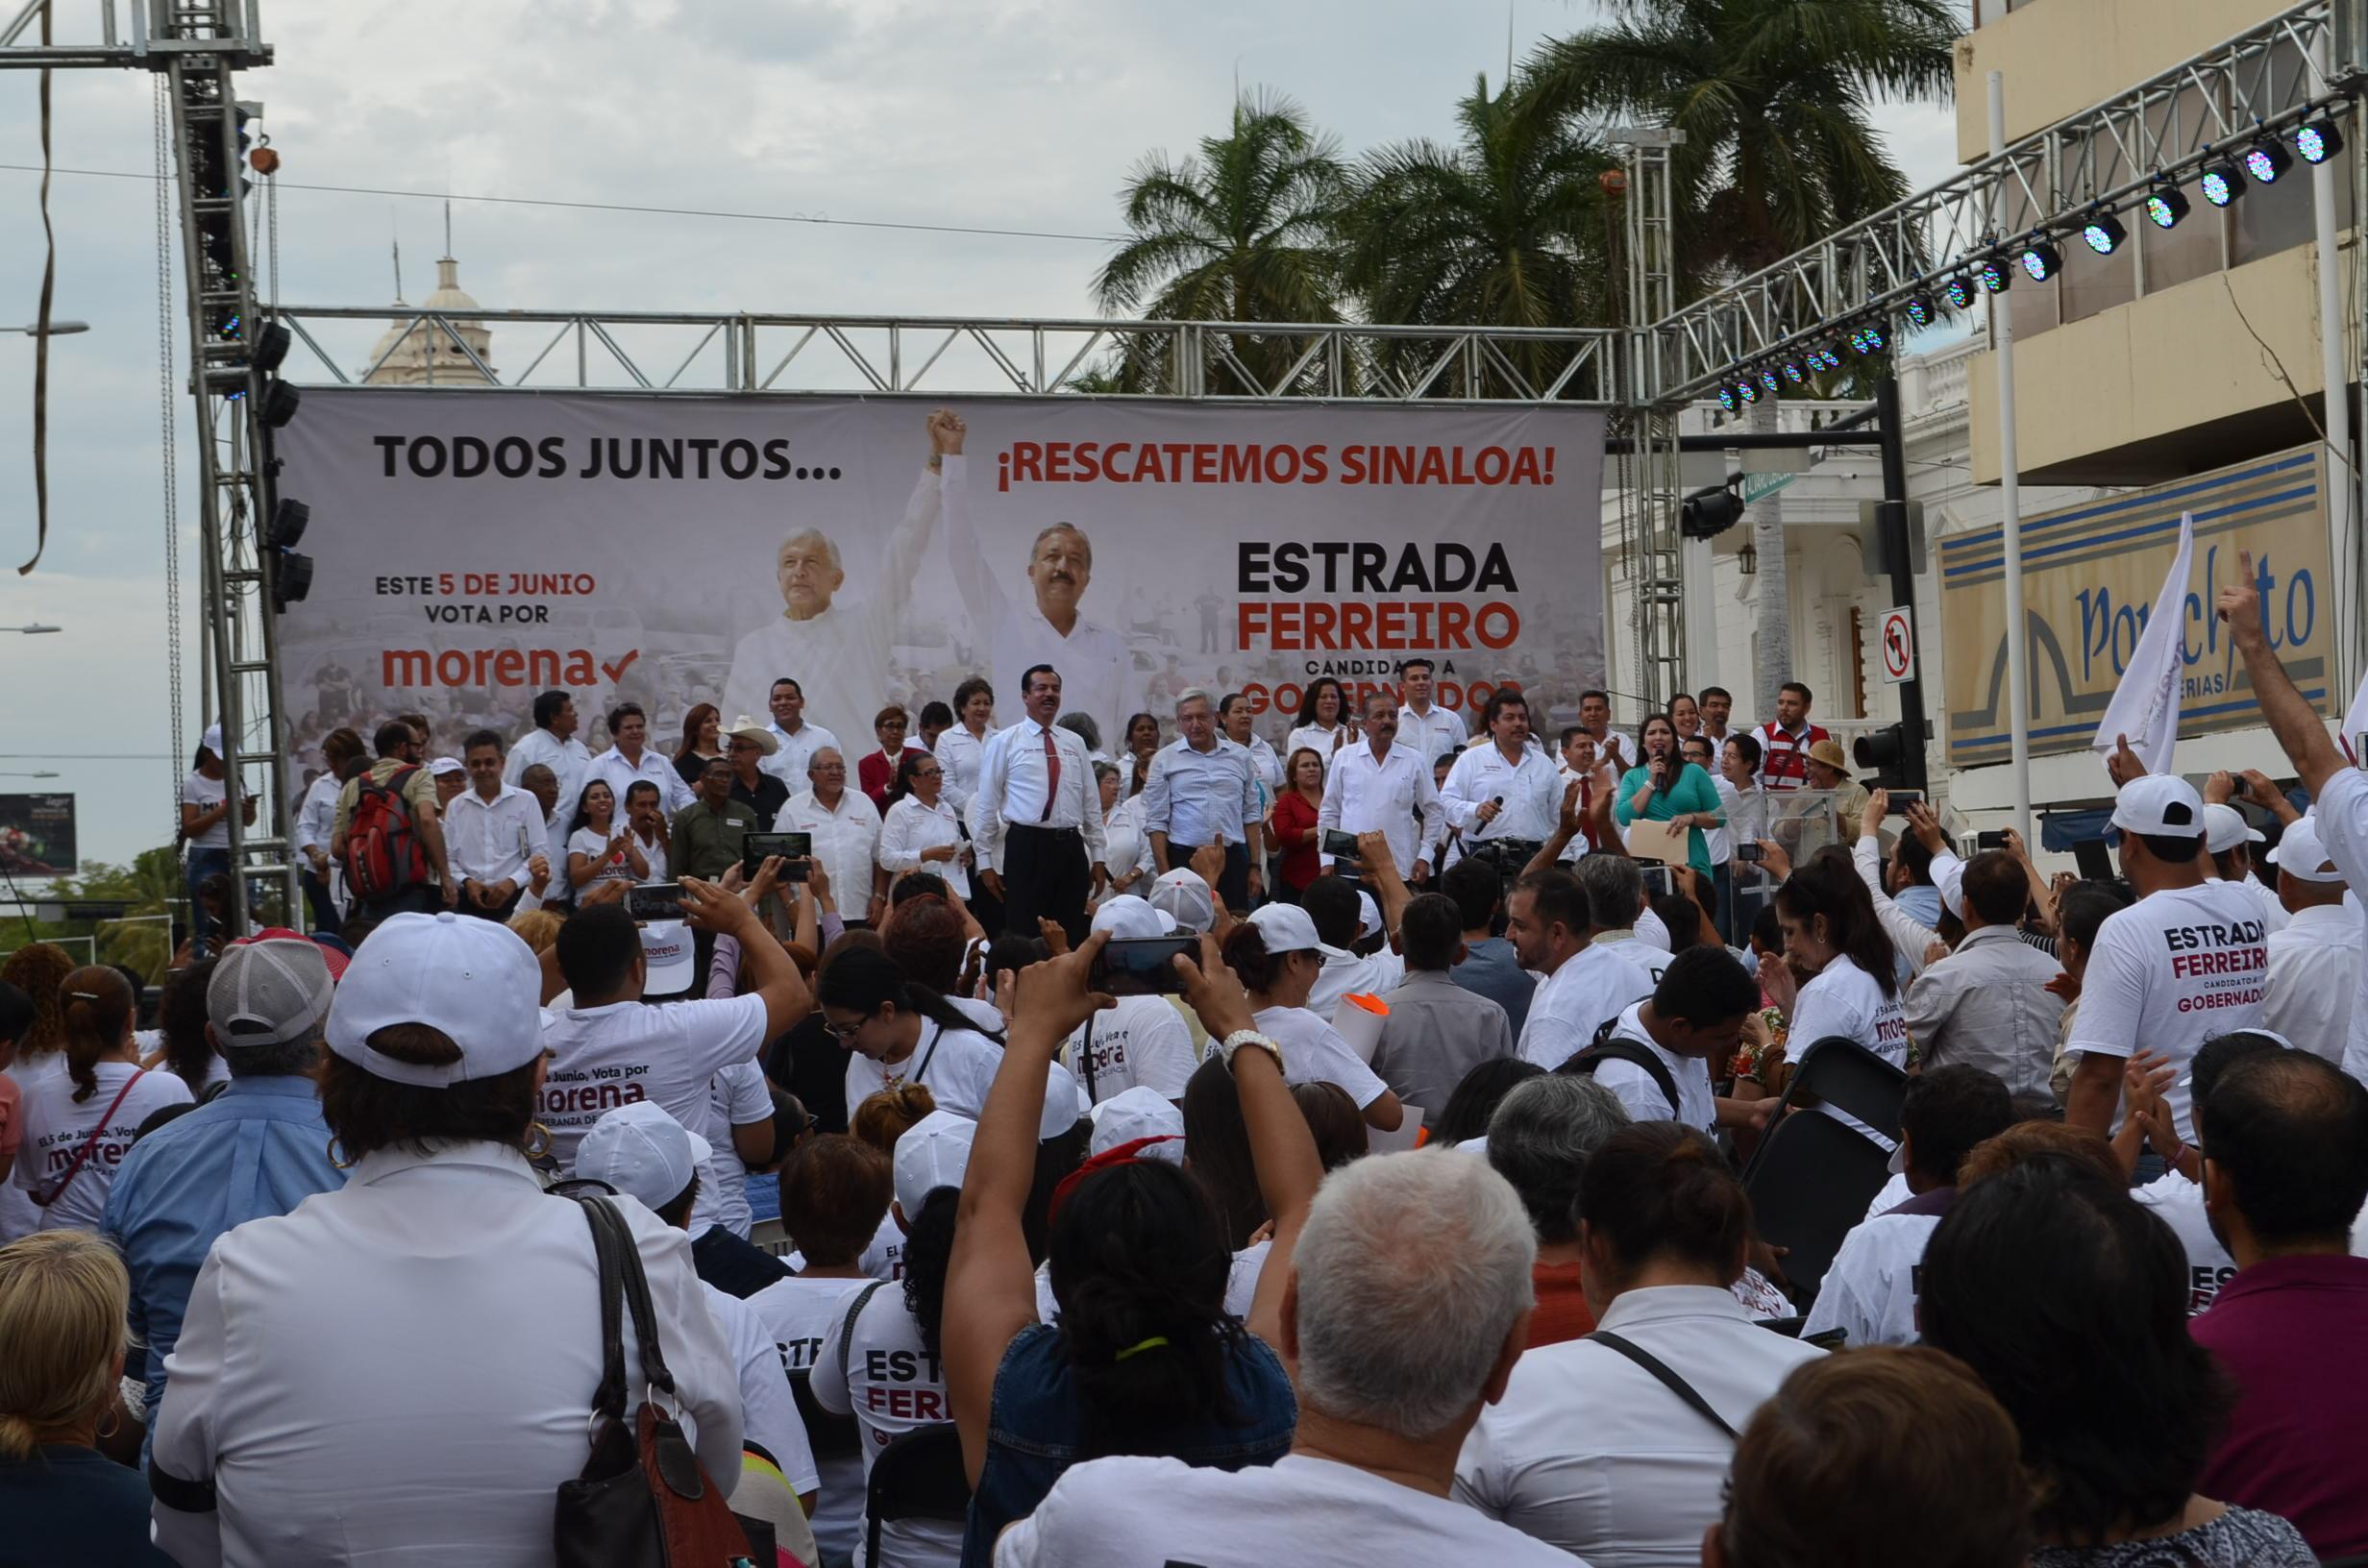 Simpatizantes se reúnen entre Álvaro Obregón y Escobedo para escuchar al dirigente nacional de Morena. Fotografía: Gabriela Sánchez